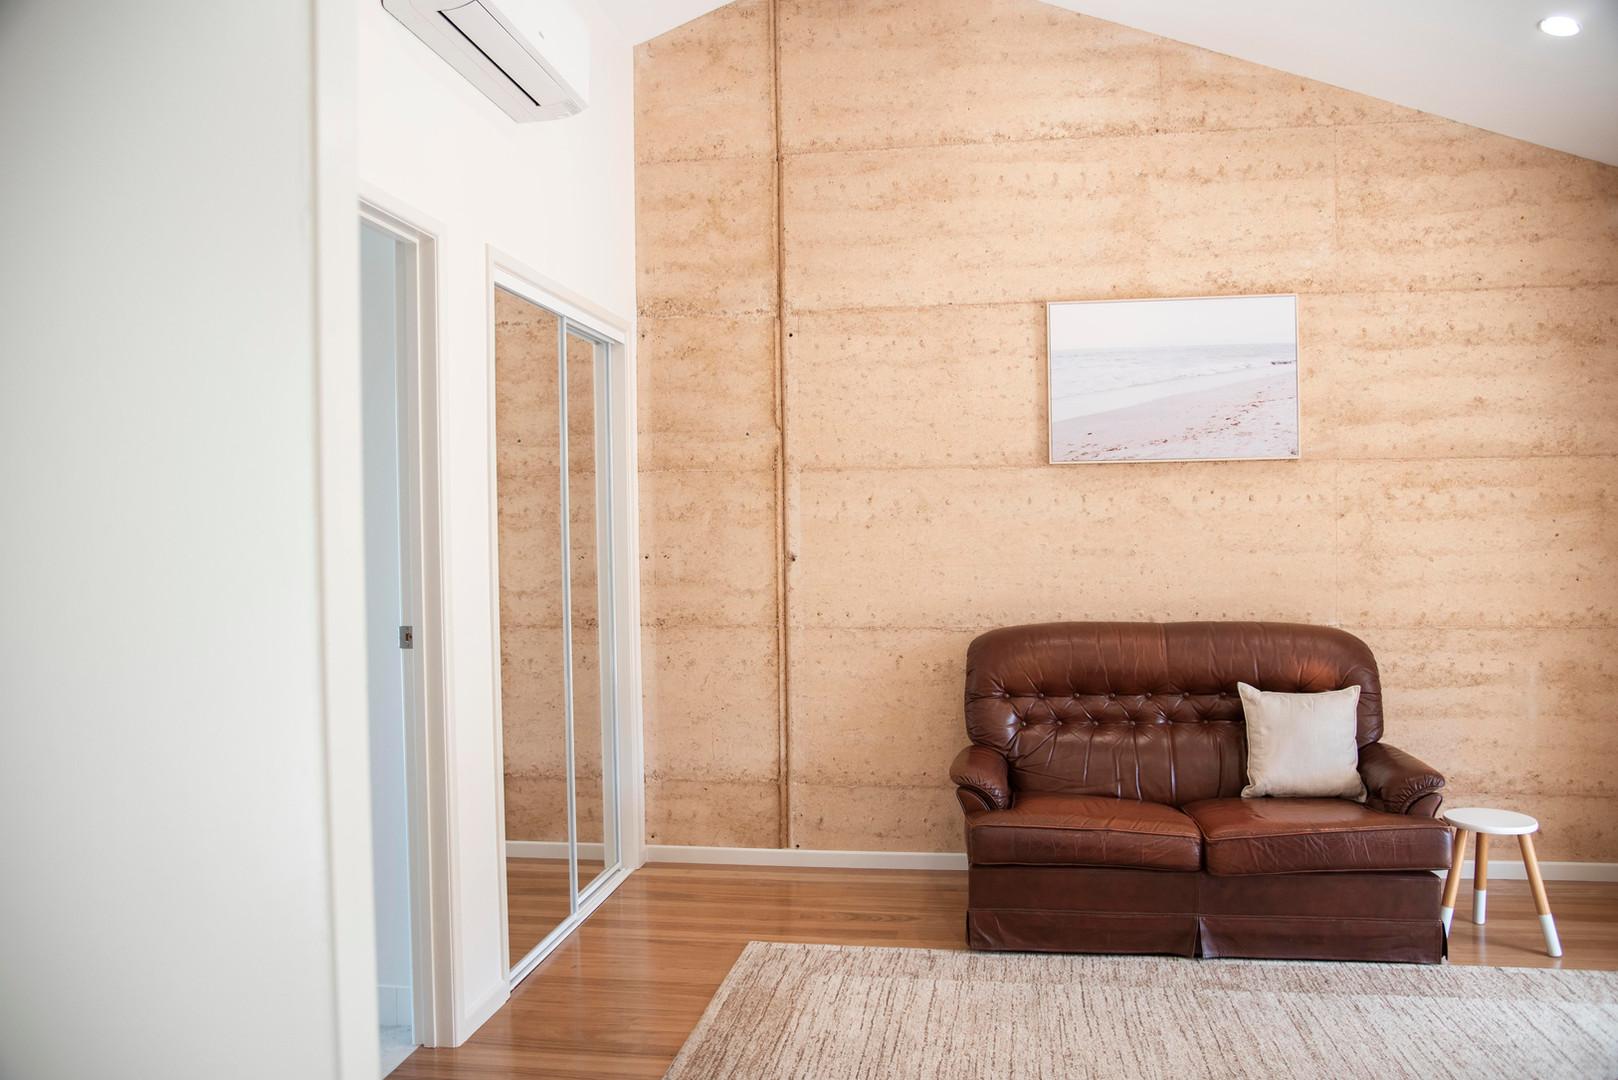 Hilltop-Room 6.4.jpg